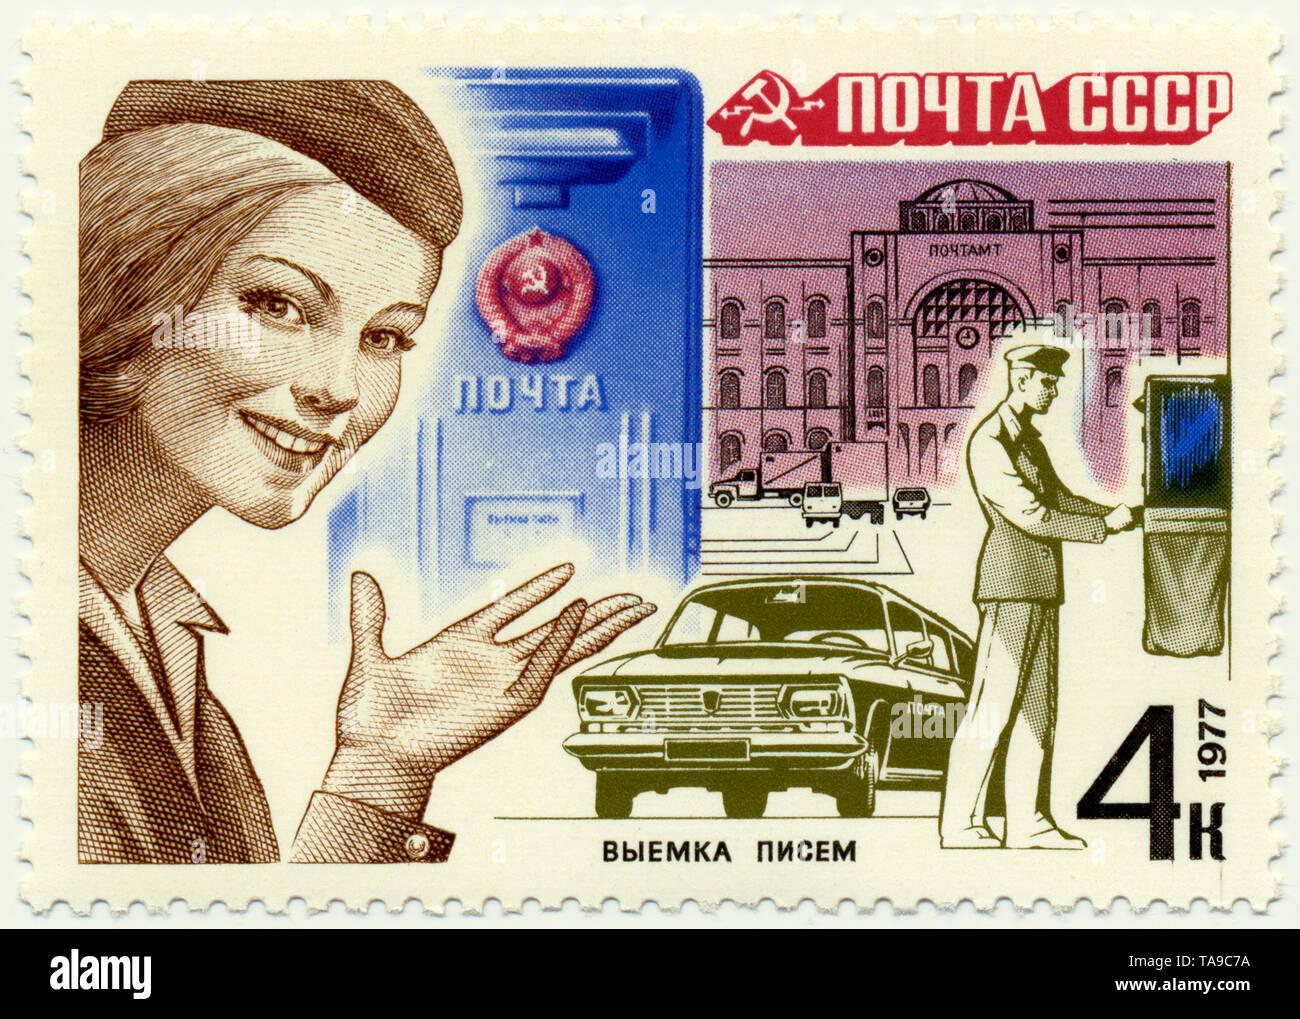 Historic postage stamps of the USSR, postal delivery, mailbox being emptied, Moskvitch 430,  Historische Briefmarken, Thema Postzustellung, Briefkastenleerung, Moskwitsch 430, 1977, UDSSR - Stock Image